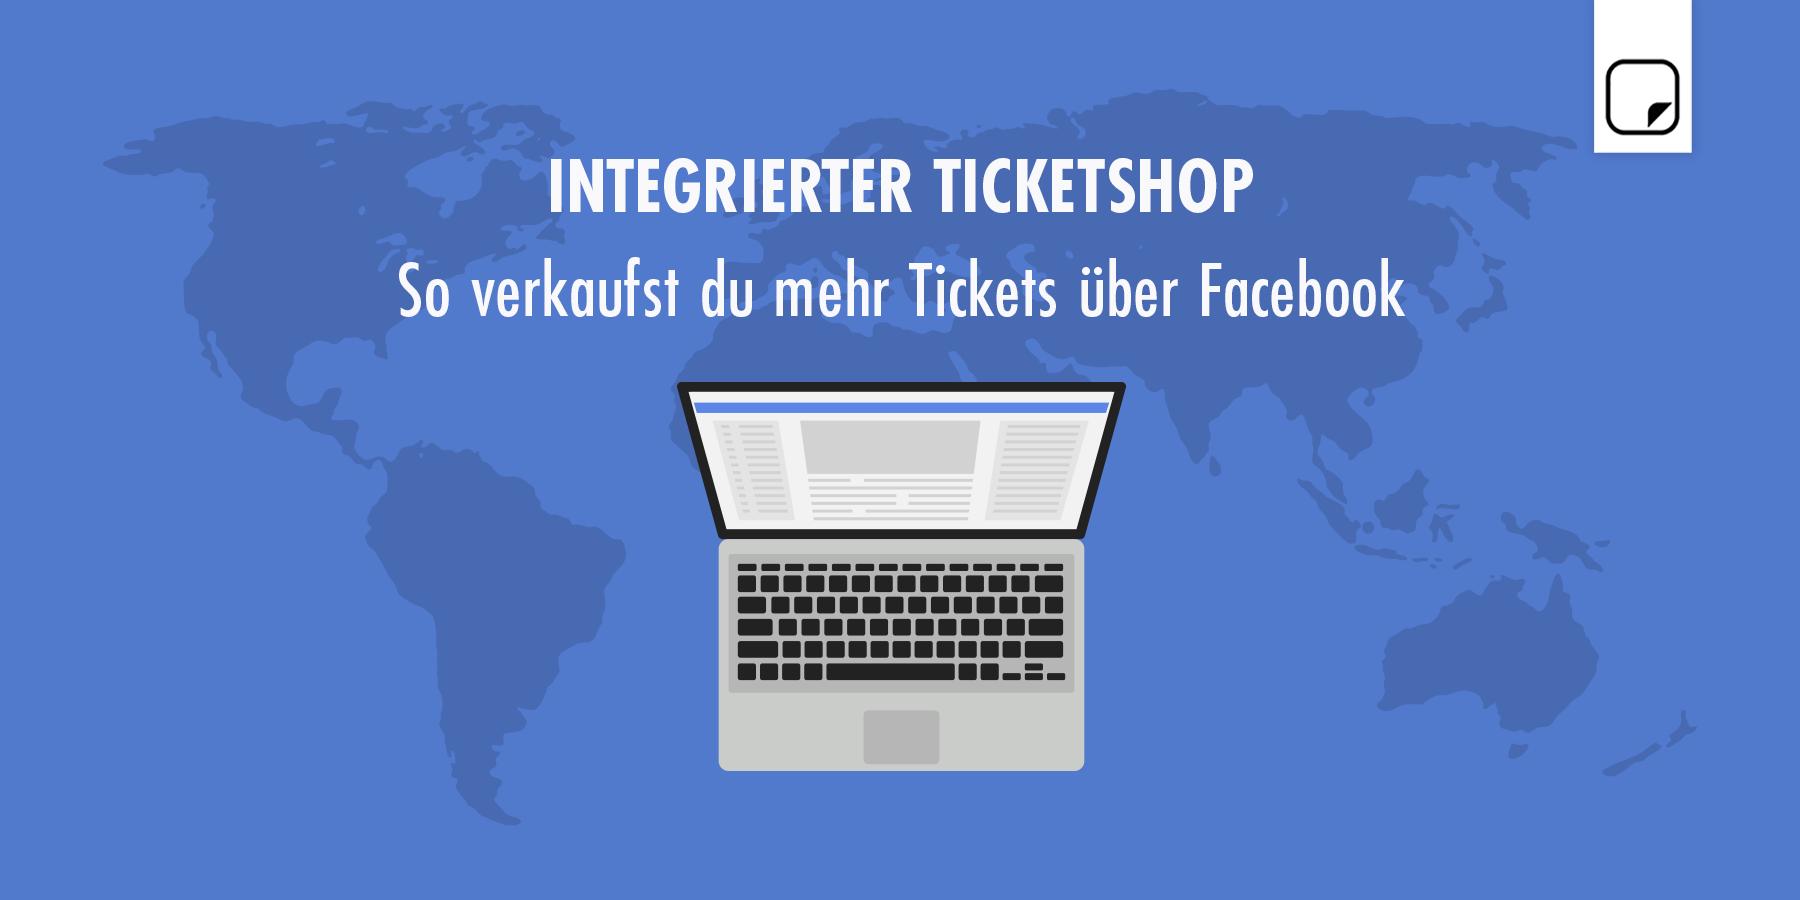 Integrierter Ticketshop – So verkaufst du mehr Tickets über Facebook